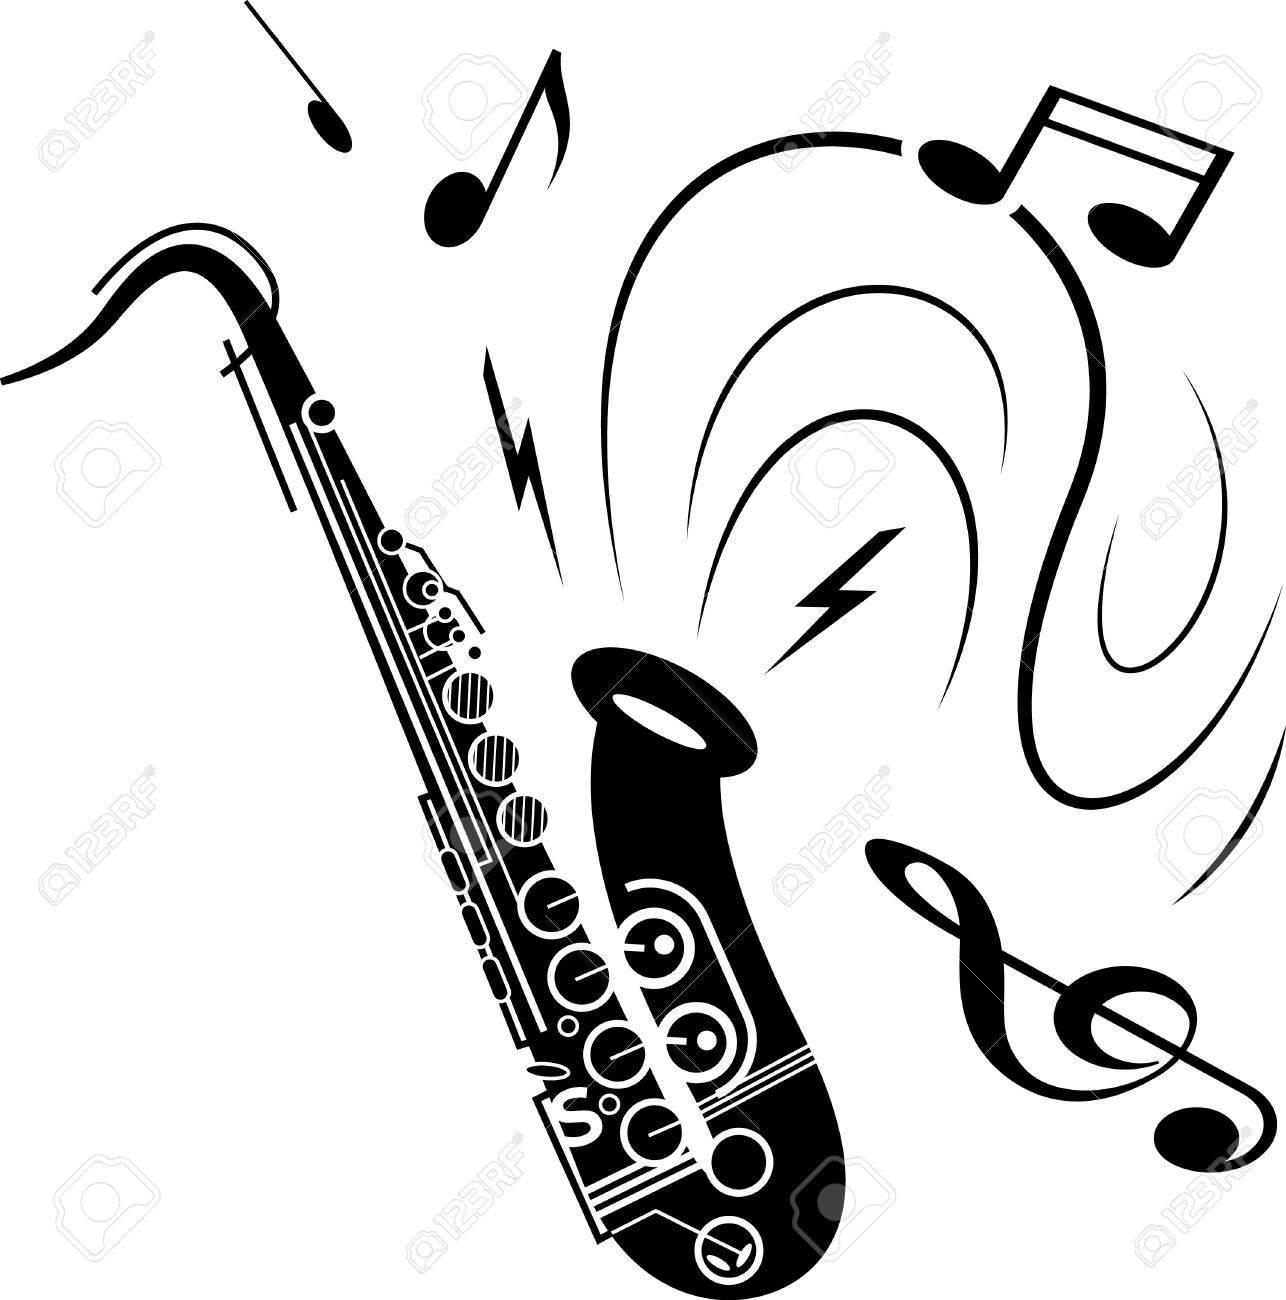 Fantastisch Saxophon-Musik-Abbildung Schwarz Auf Weiß. Schwarz Saxophon Mit  TA93